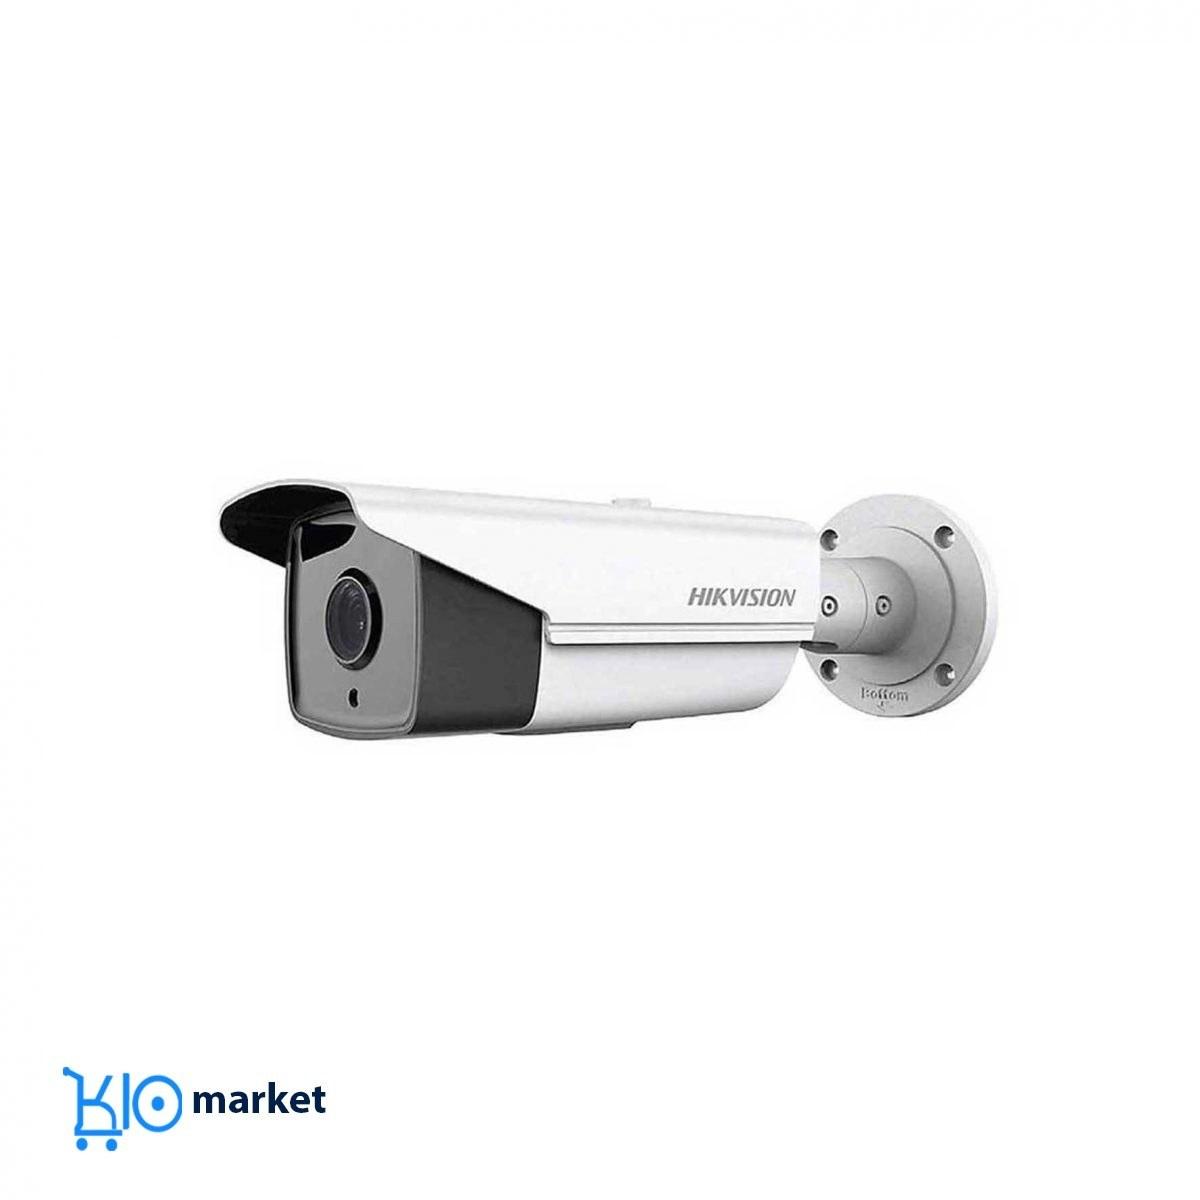 تصویر دوربین مداربسته هایک ویژن DS-2CE16D0T-IT3 Hikvision DS-2CE16D0T-IT3 CCTV Camera